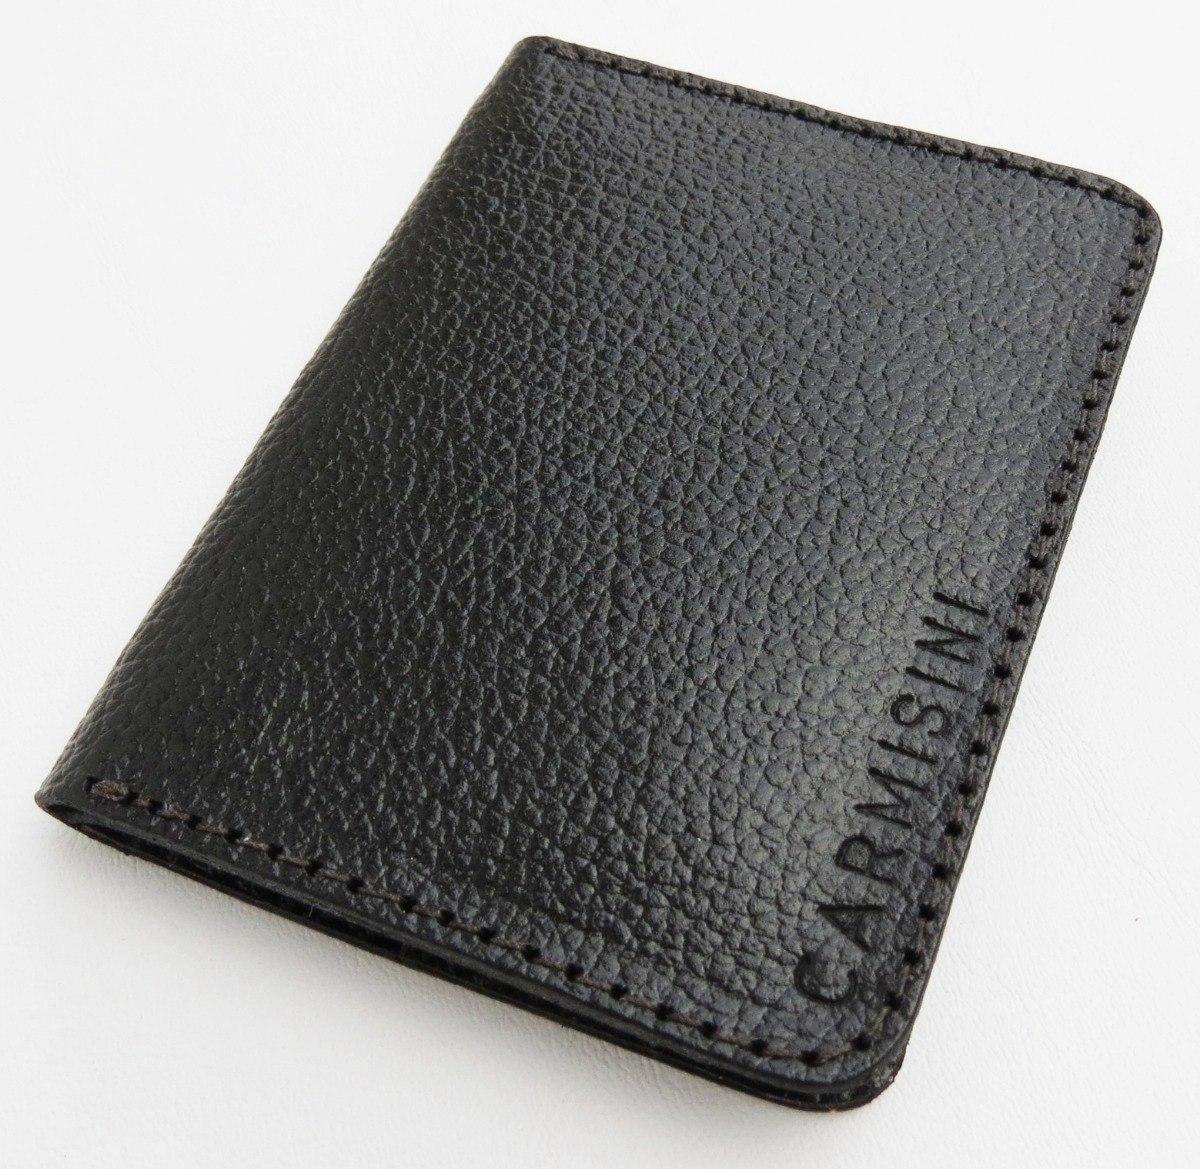 c434c076c carteira masculina fina slim couro compre já! promoção c1. Carregando zoom.